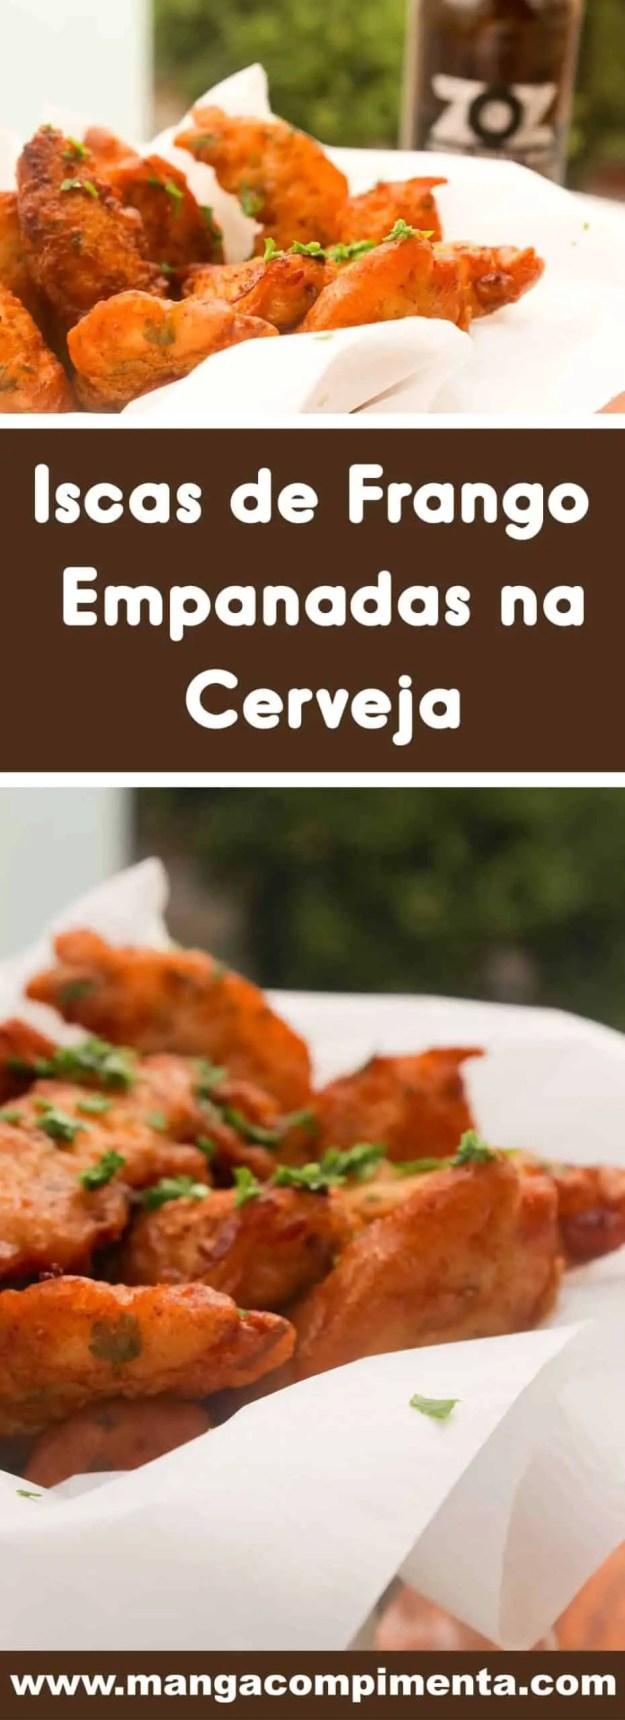 Receita de Iscas de Frango Empanadas na Cerveja - prepare para petiscar com uma bebida bem gelada!